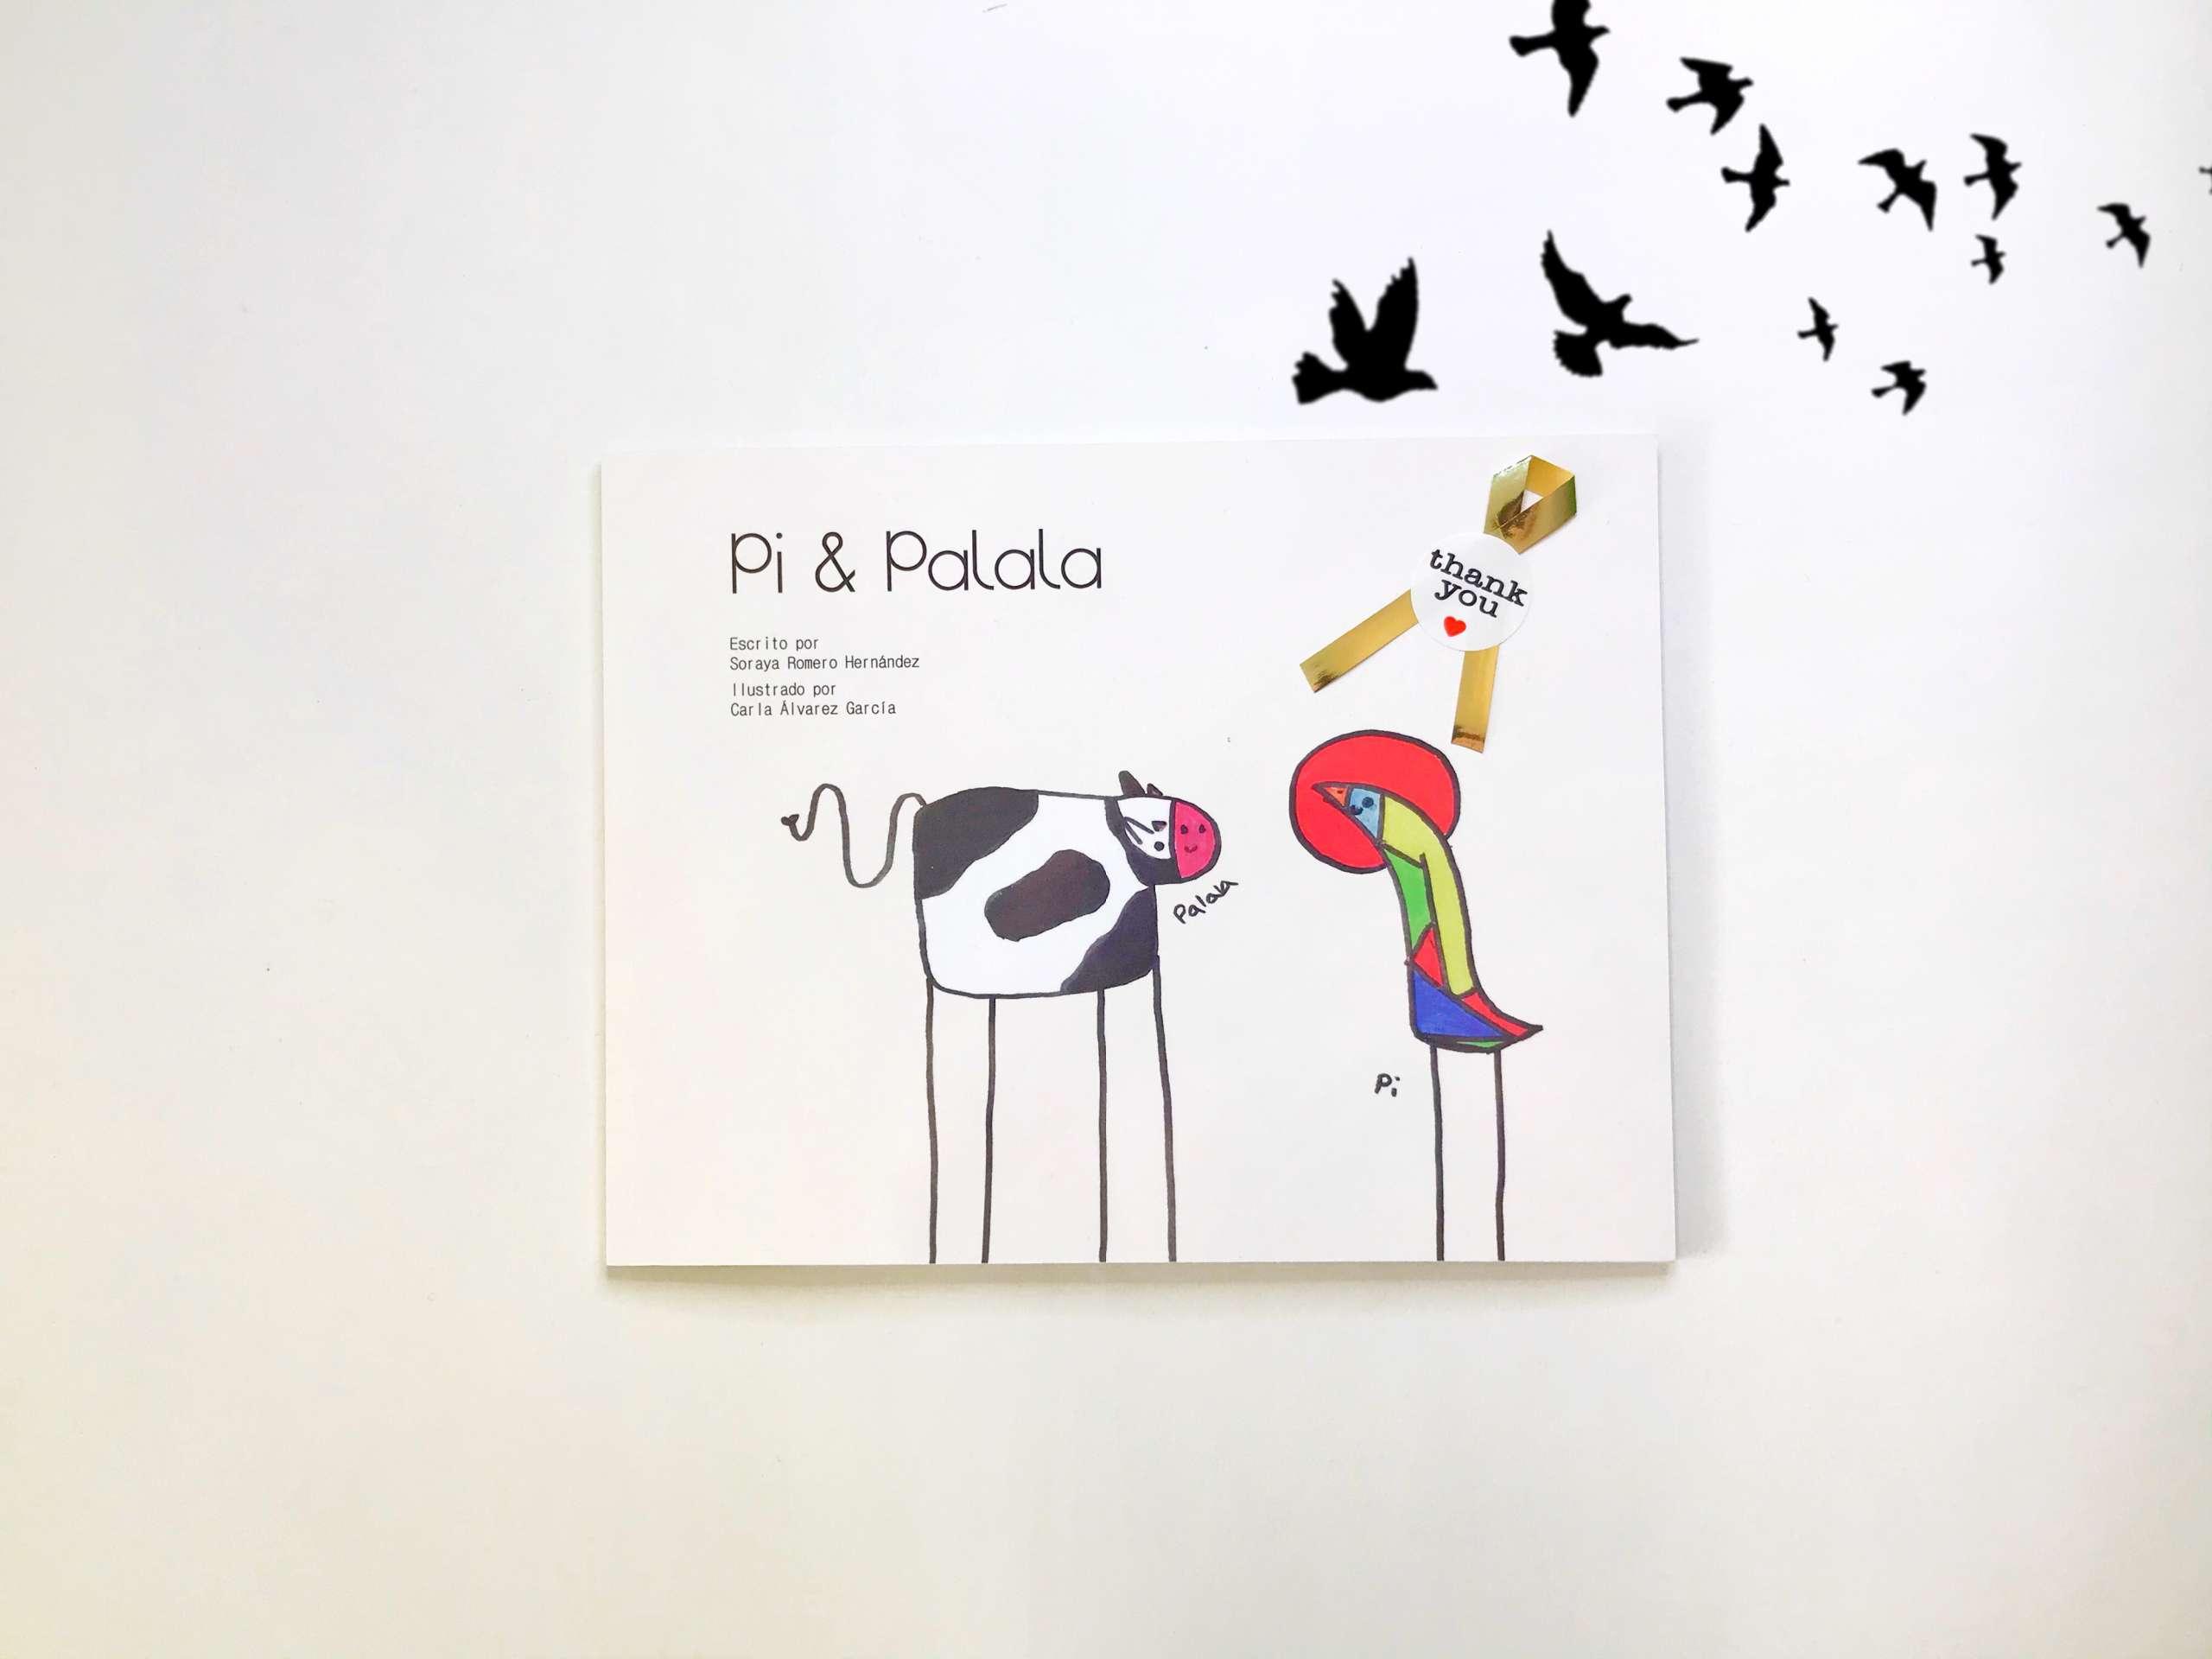 Pi&Palala, la importancia de ser diferente